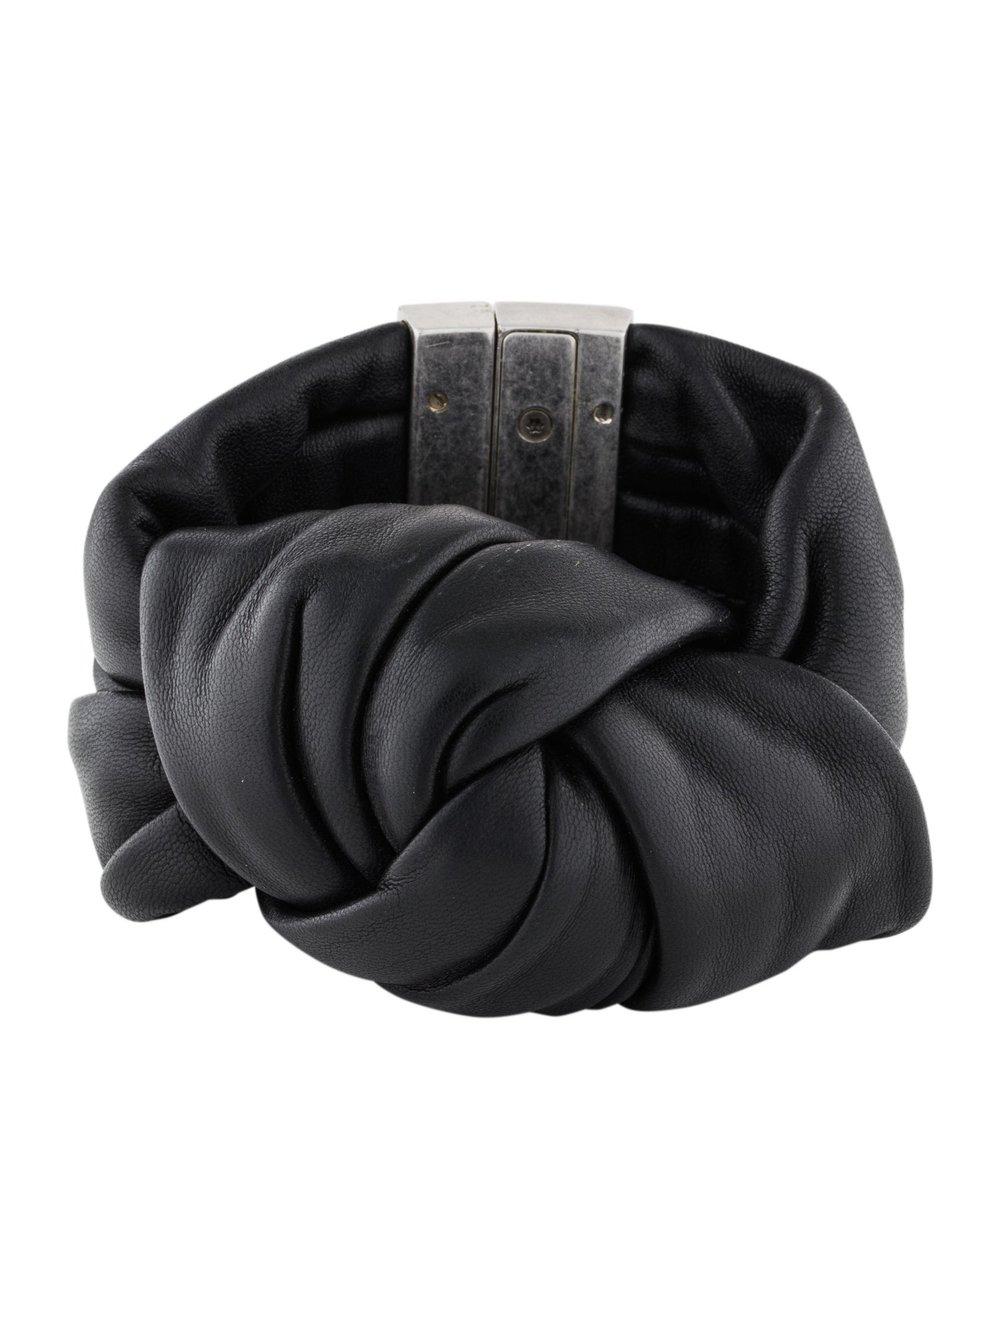 Celine Summer 2013 Runway Leather Know Bracelet Black